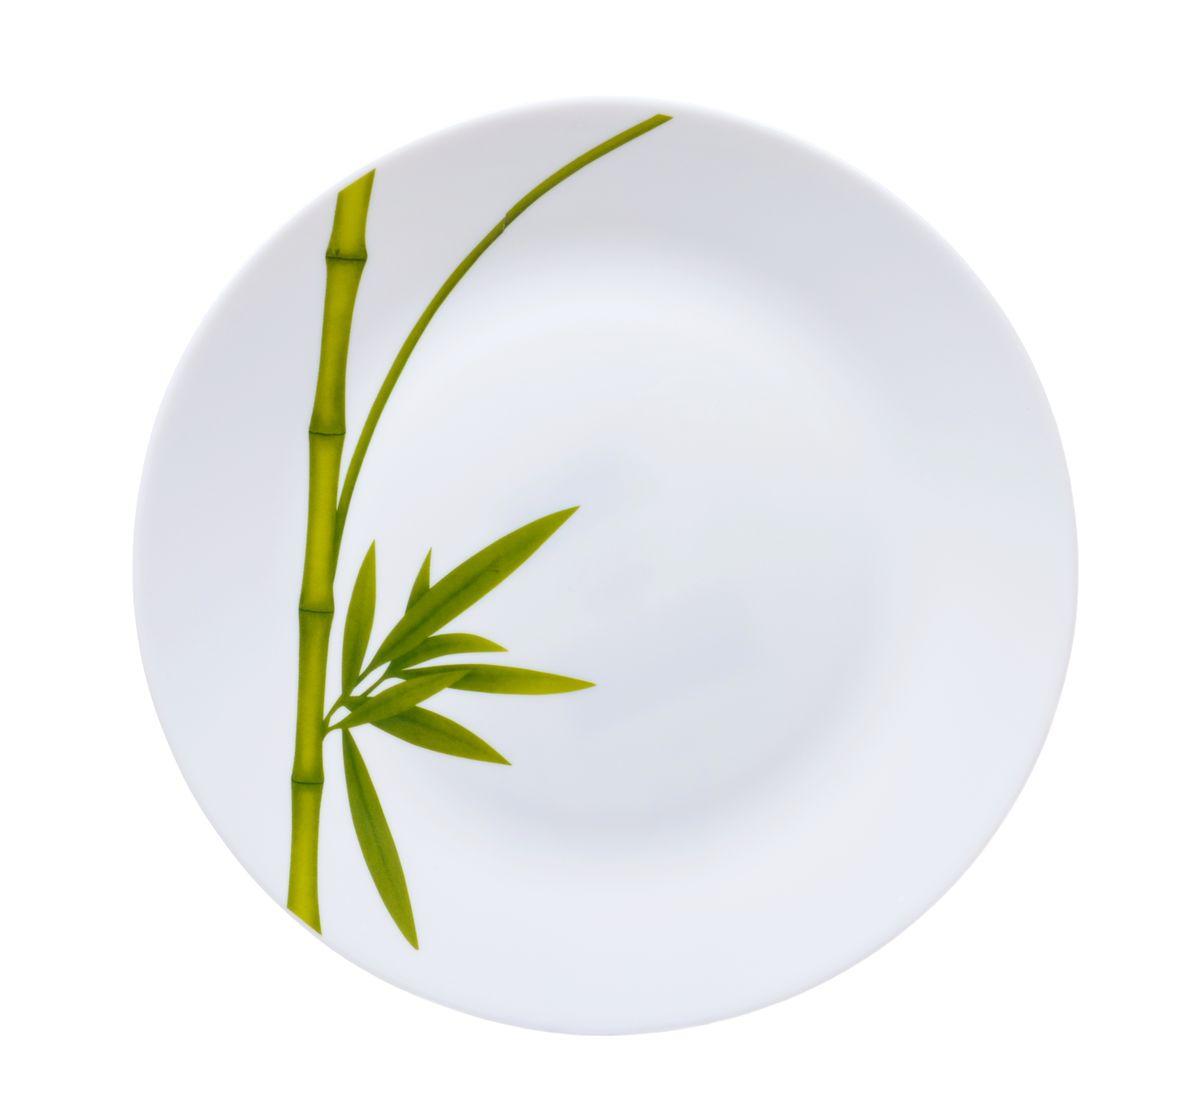 Тарелка для горячего La Opala Бамбук, диаметр 26,5 смOPFG001Тарелка для горячего La Opala Бамбук изготовлена из высококачественной стеклокерамики. Предназначена для красивой подачи различных блюд. Изделие декорировано ярким изображением стебля бамбука. Такая тарелка украсит сервировку стола и подчеркнет прекрасный вкус хозяйки.Можно мыть в посудомоечной машине и использовать в СВЧ. Диаметр: 26,5 см.Высота: 2 см.